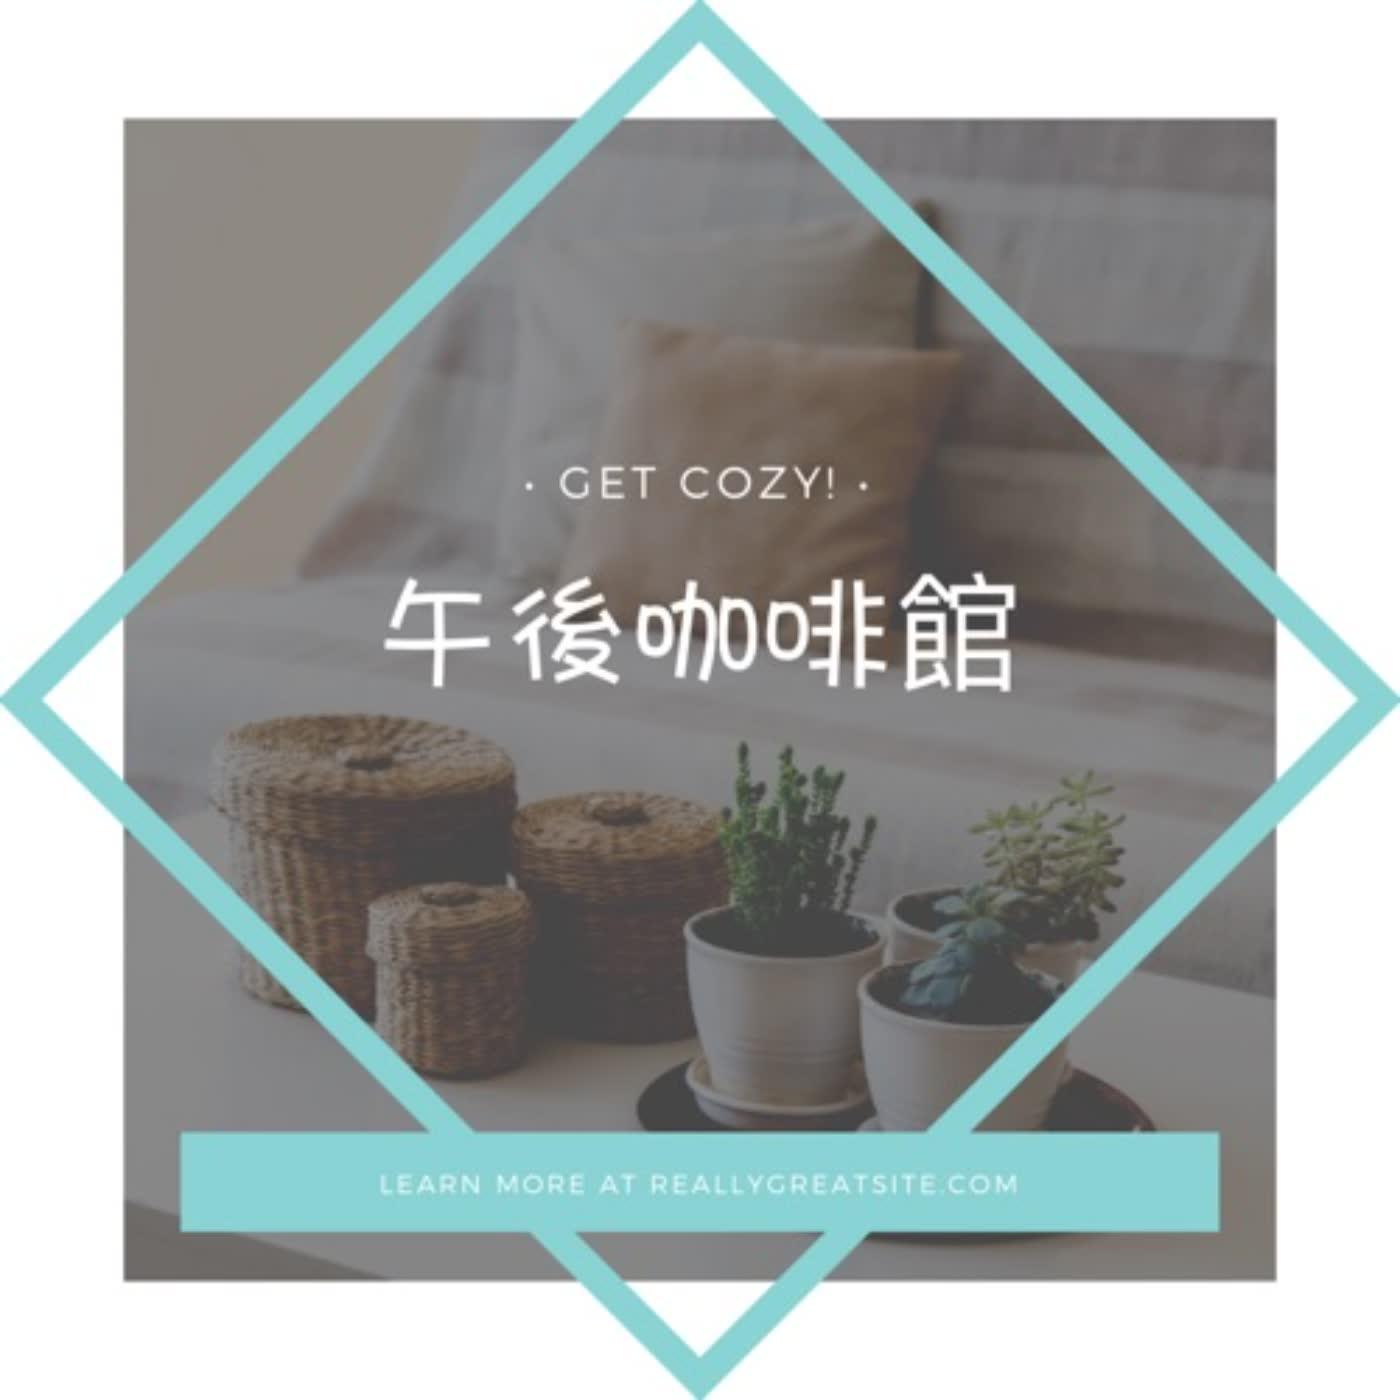 Ep06. [Mia與好友們 ]   2021 幸福,微笑吧~被感動的亂七八糟的活動分享(上)